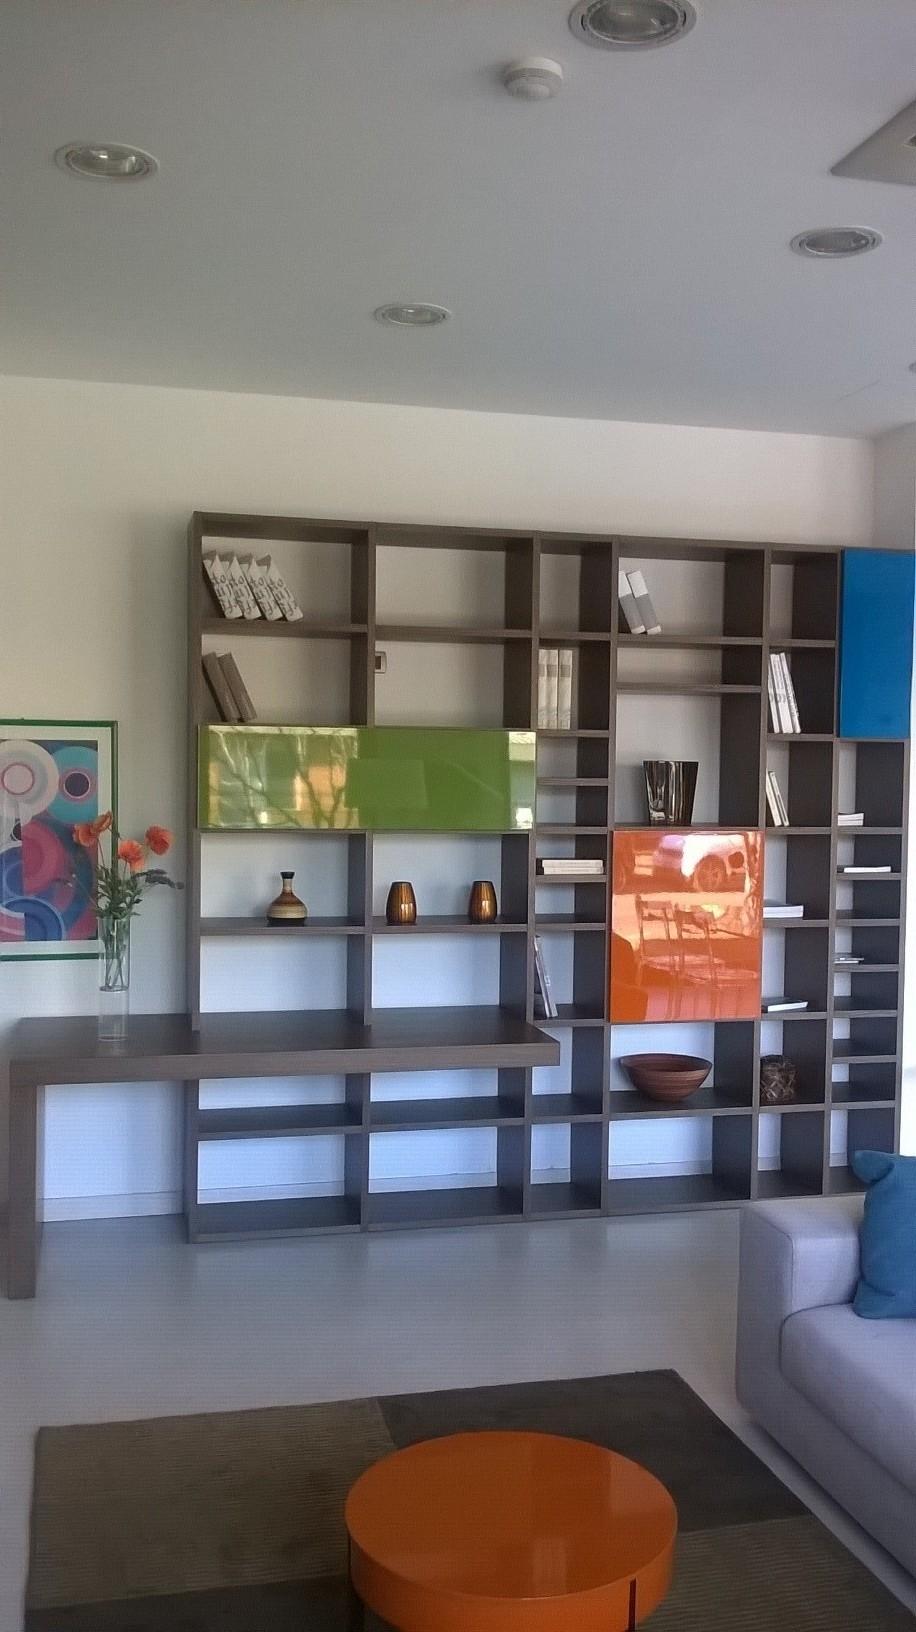 Soggiorno lema selecta legno librerie design soggiorni a for Lema soggiorni moderni